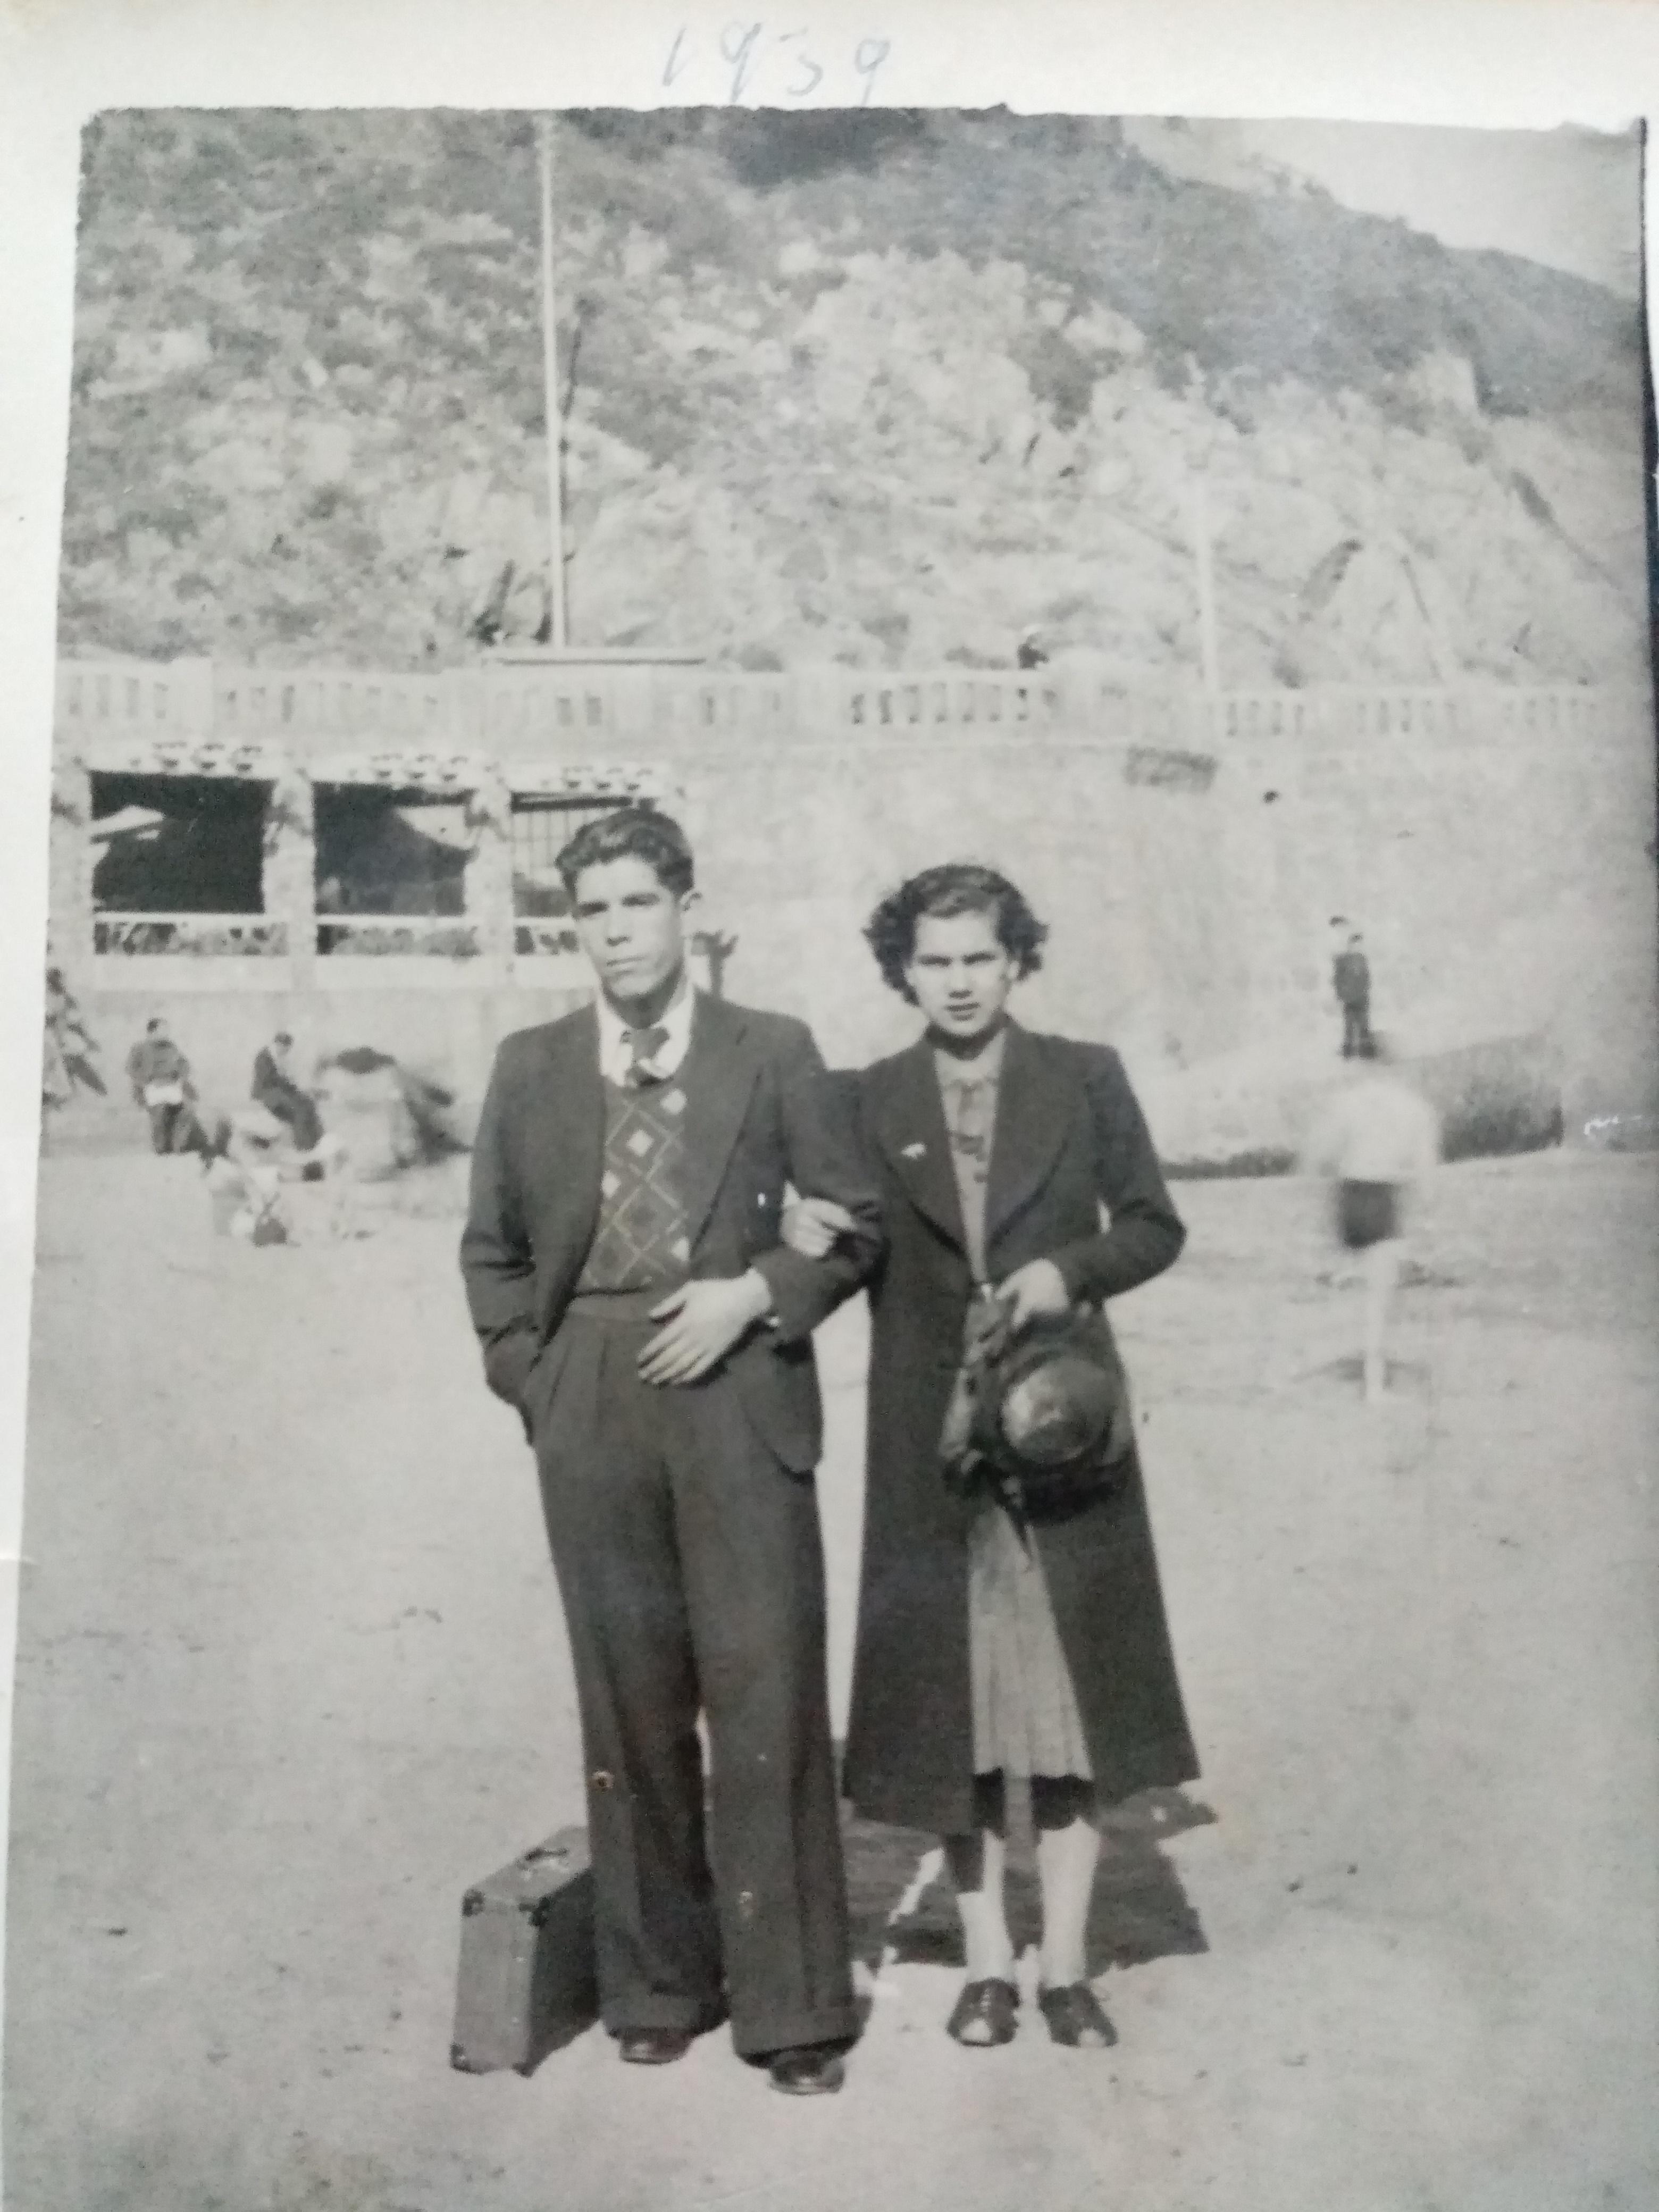 Enterreno - Fotos históricas de chile - fotos antiguas de Chile - Visitantes Playa Las Torpederas, 1939